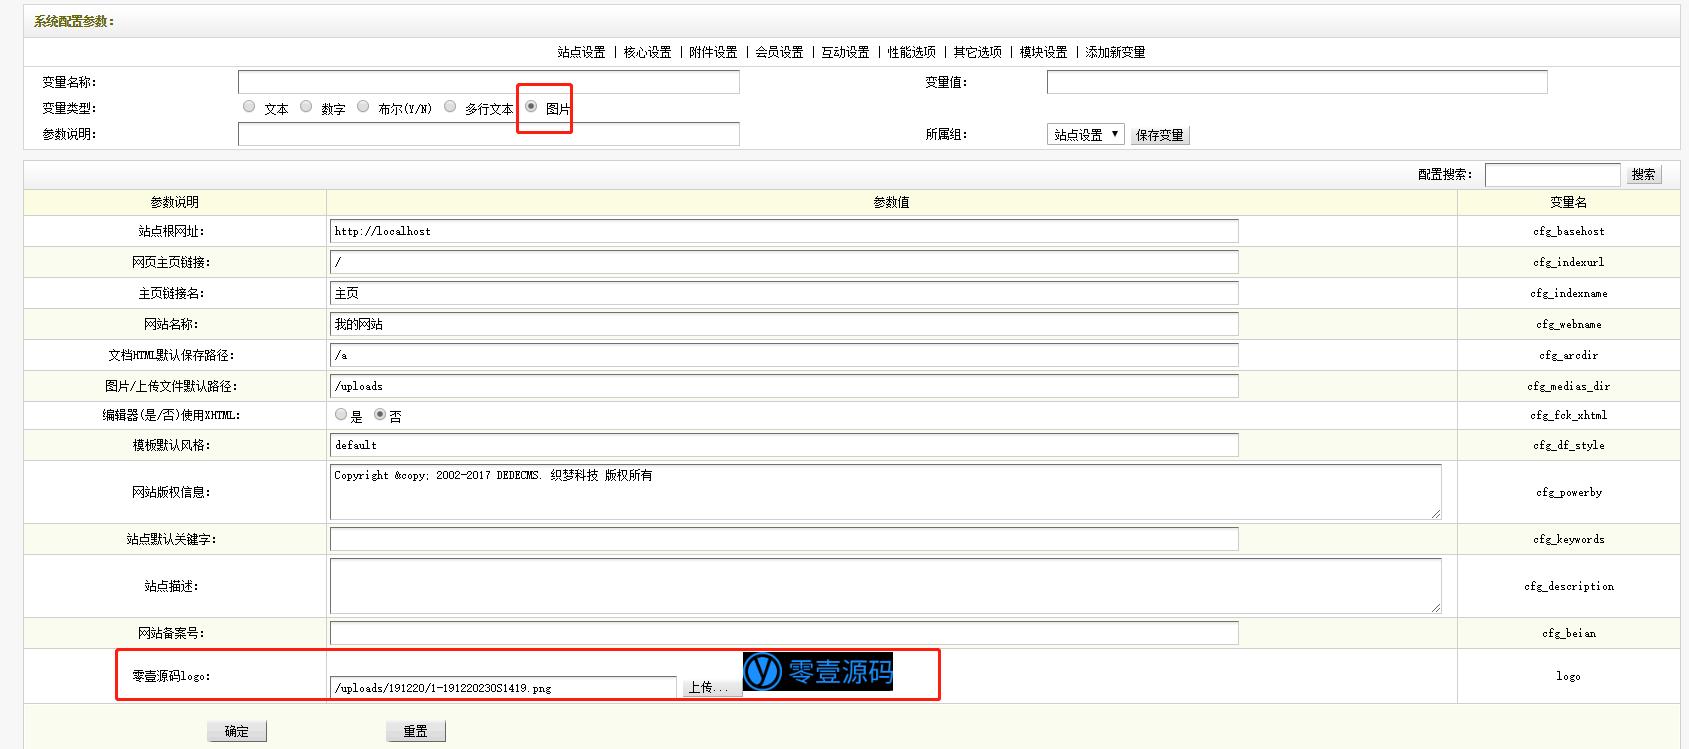 织梦dedecms系统设置自定义图片全局变量插件(后台添加logo等图片)